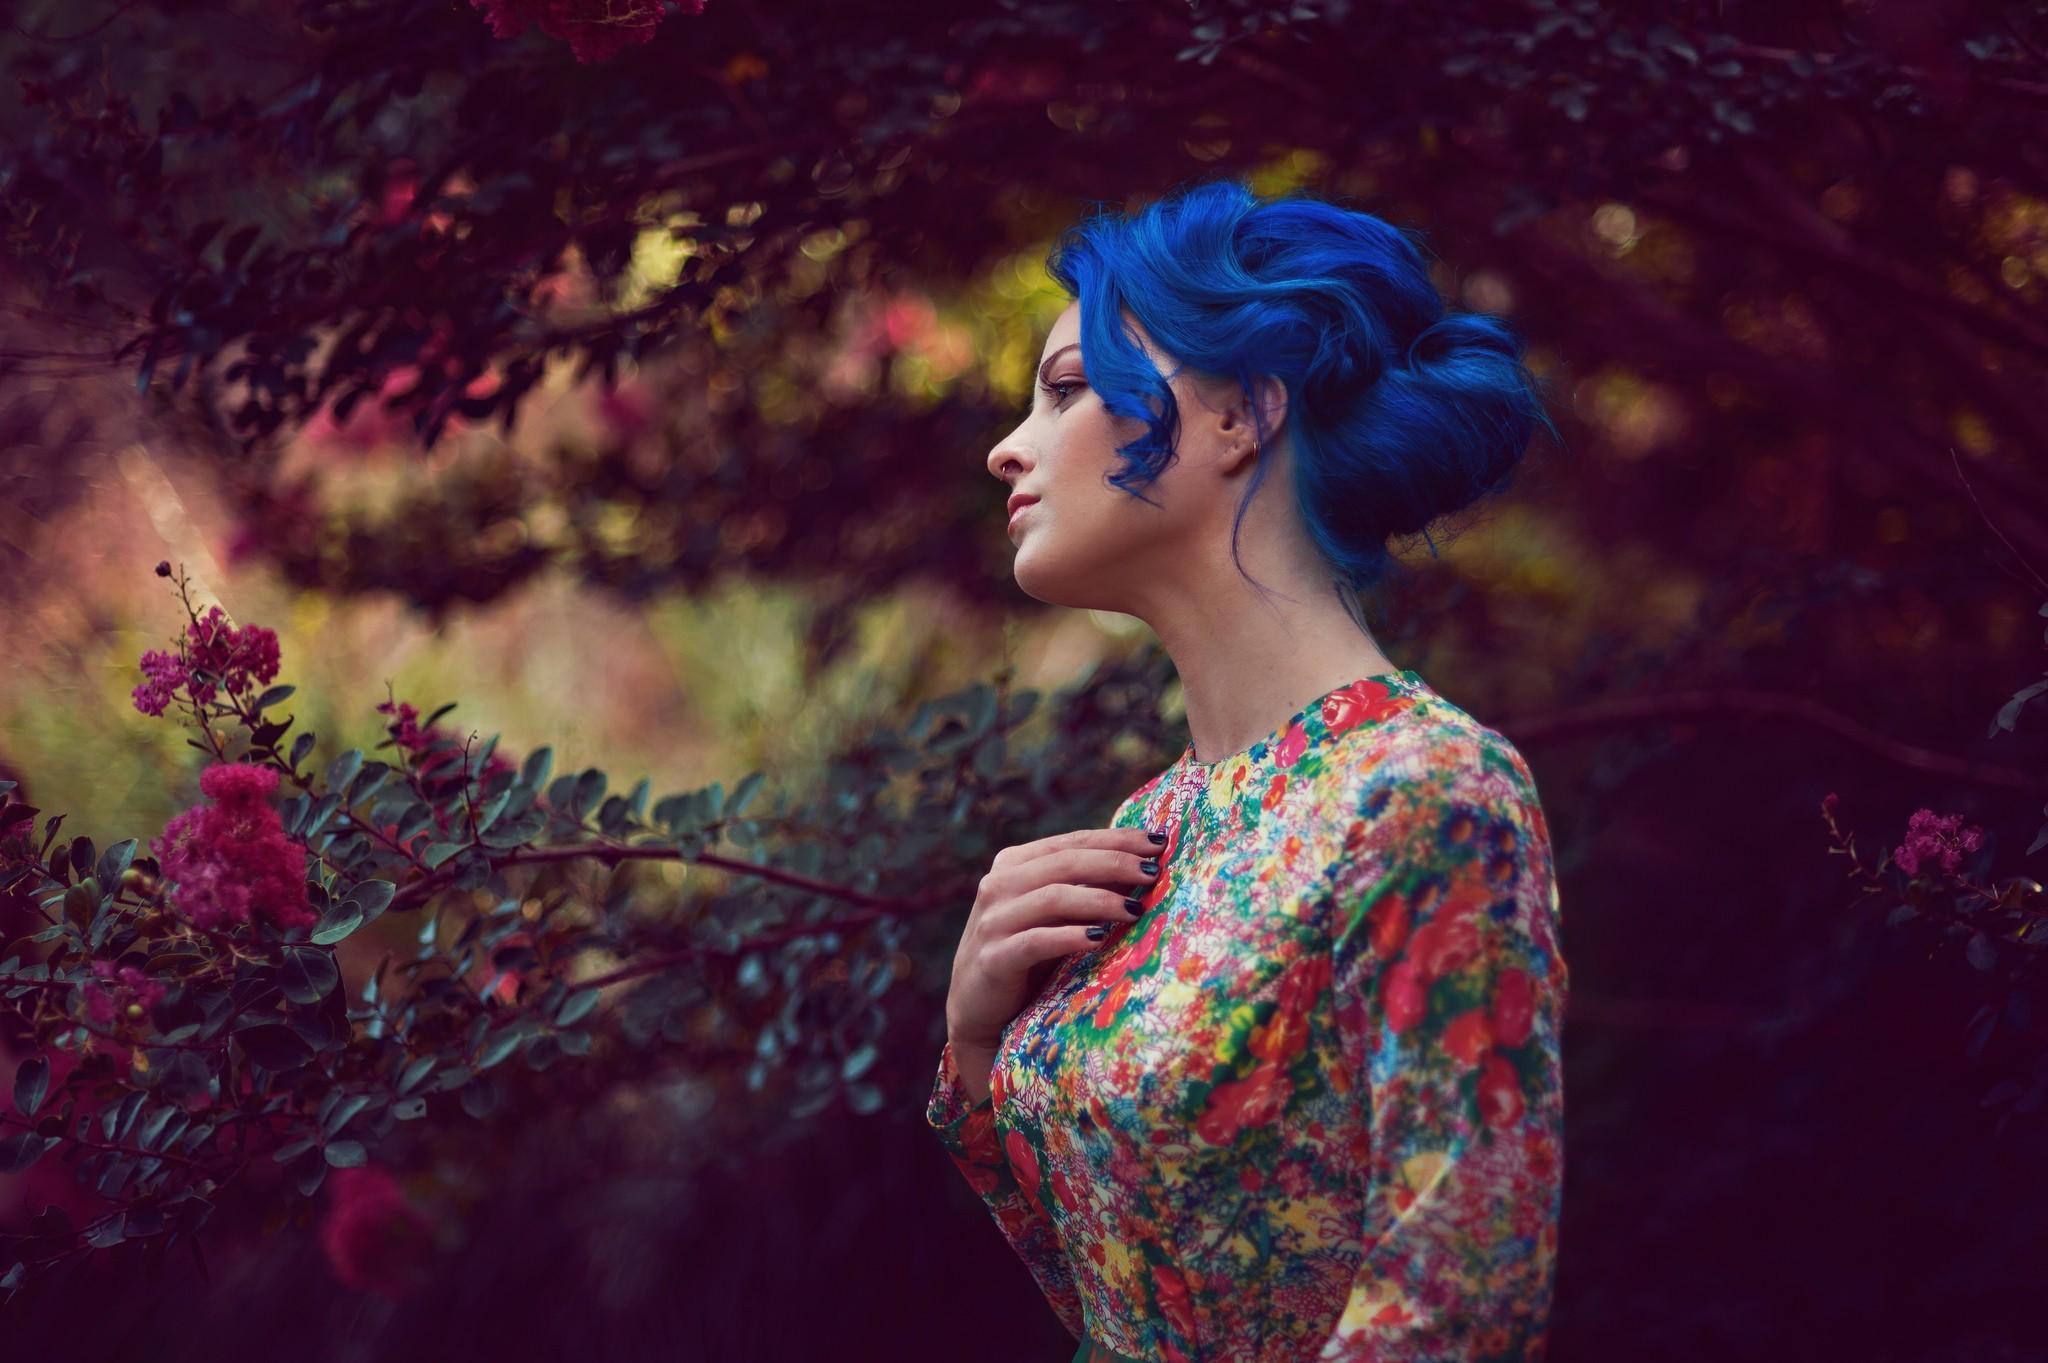 Как сделать фото с яркими цветами